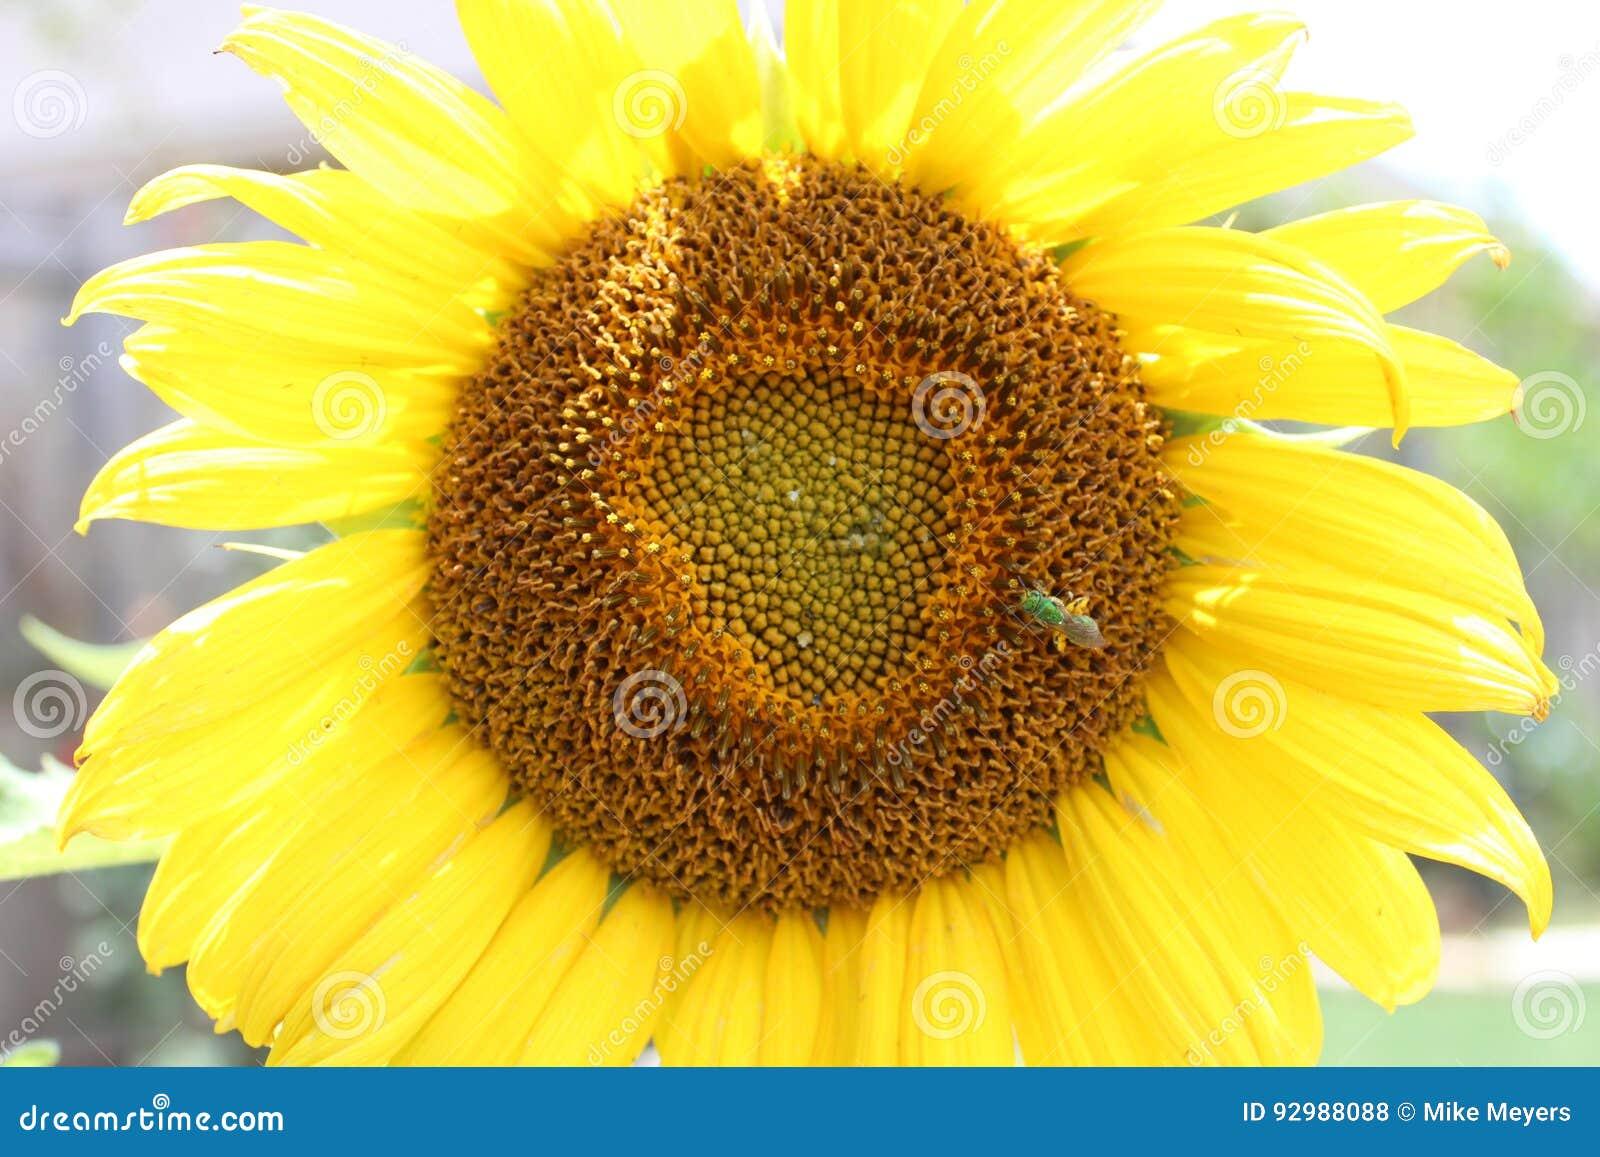 Sunflower stock photo. Image of gardening, garden, nature - 92988088